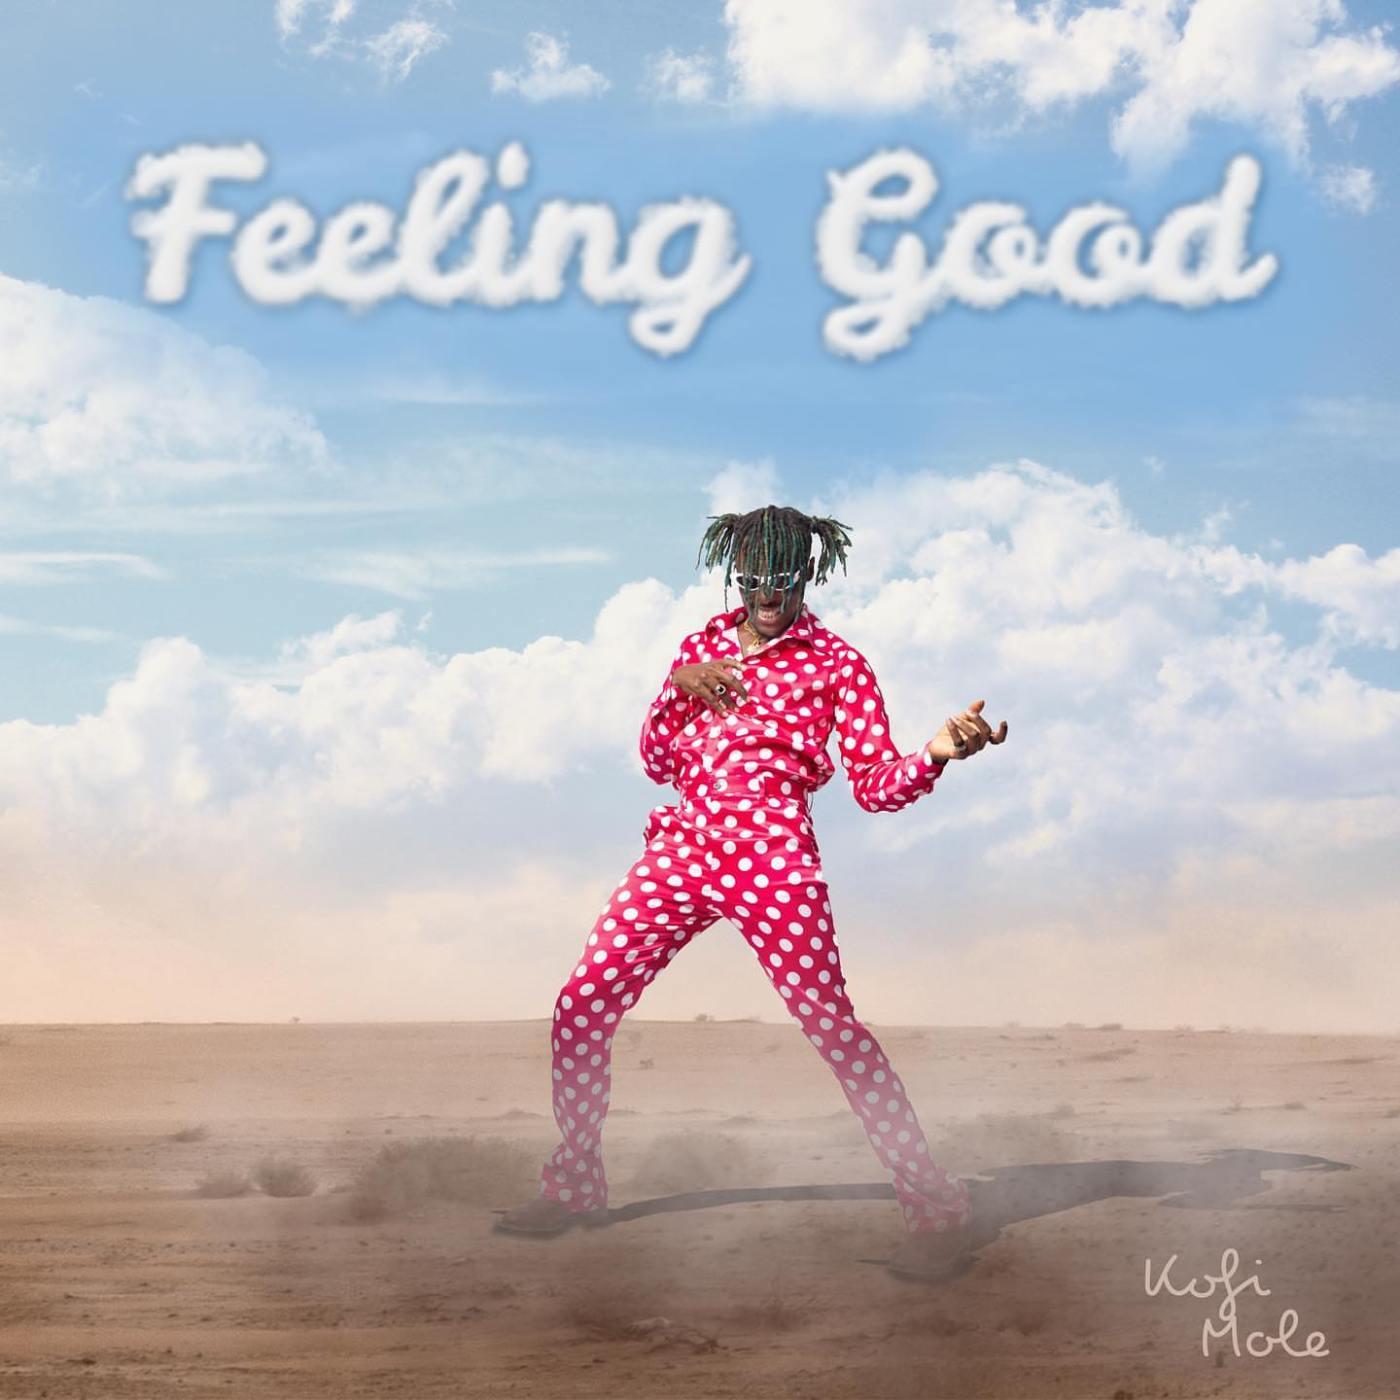 Kofi Mole - Feeling Good